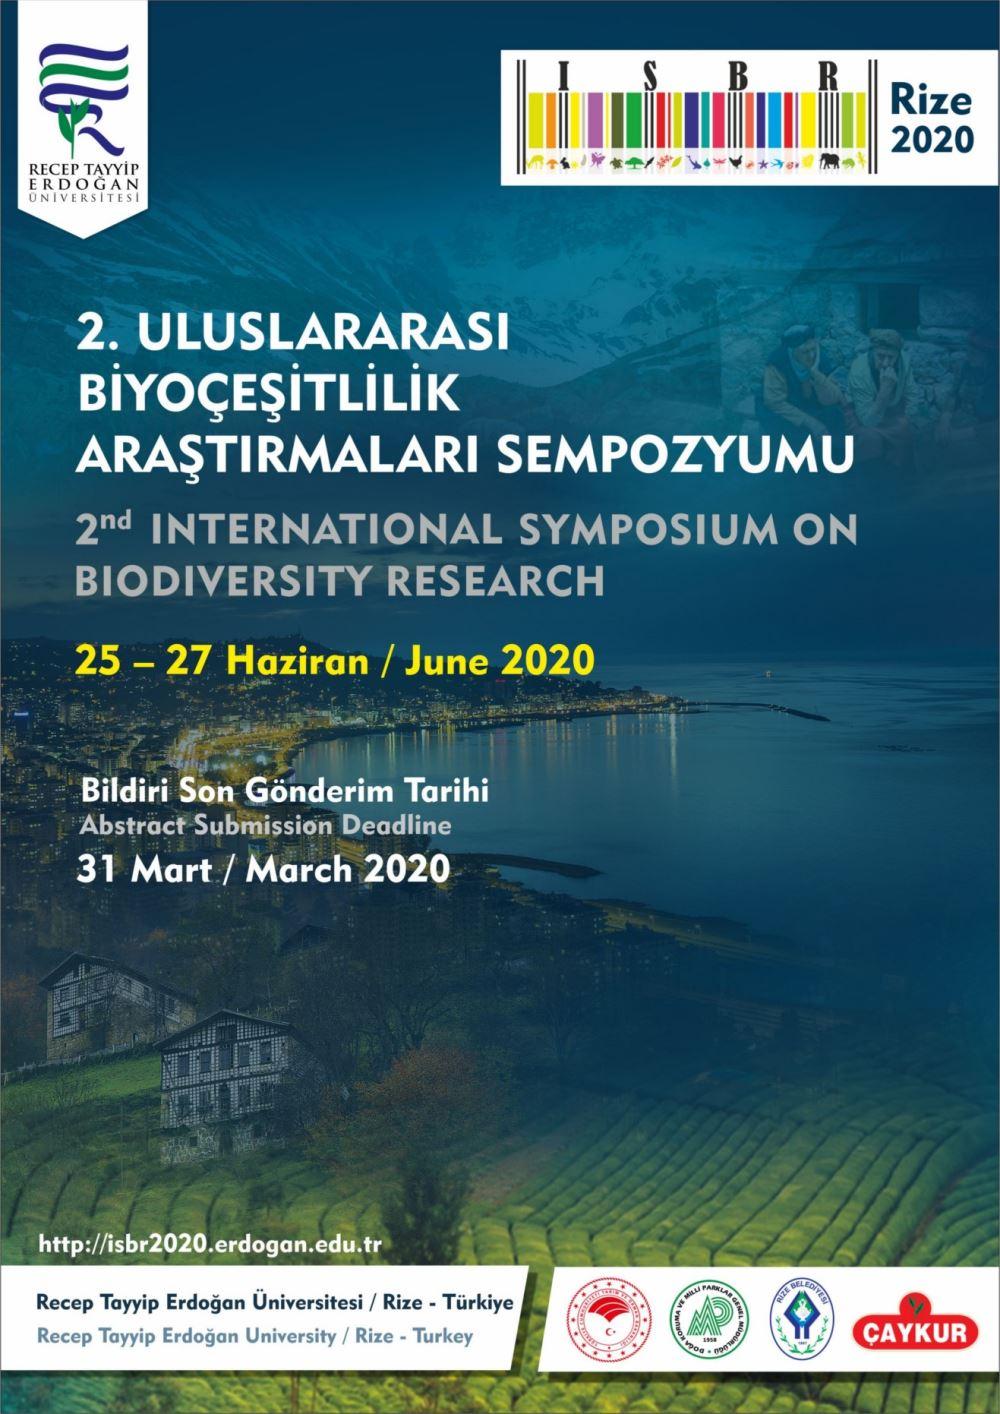 Biyoçeşitlilik Araştırmaları Sempozyumu-2019